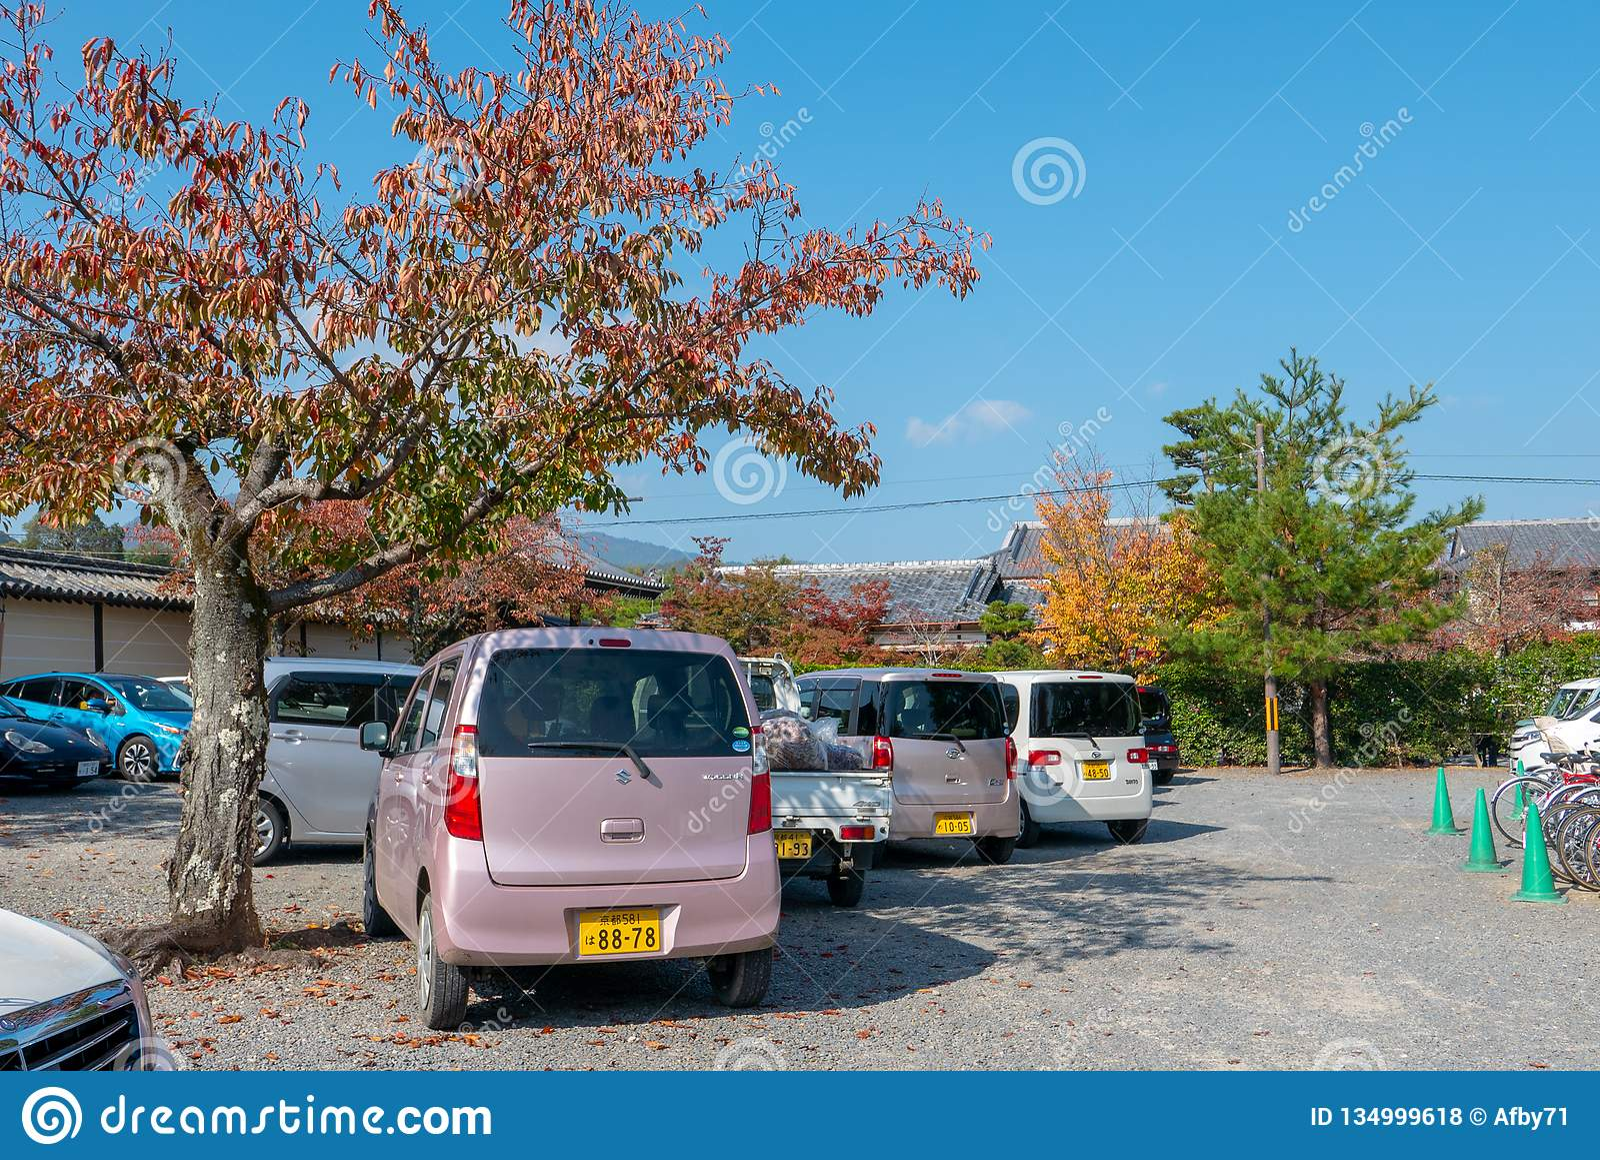 Różnorodny Kei samochodów park pod drzewami podczas jesieni w Arashiyama, Japonia